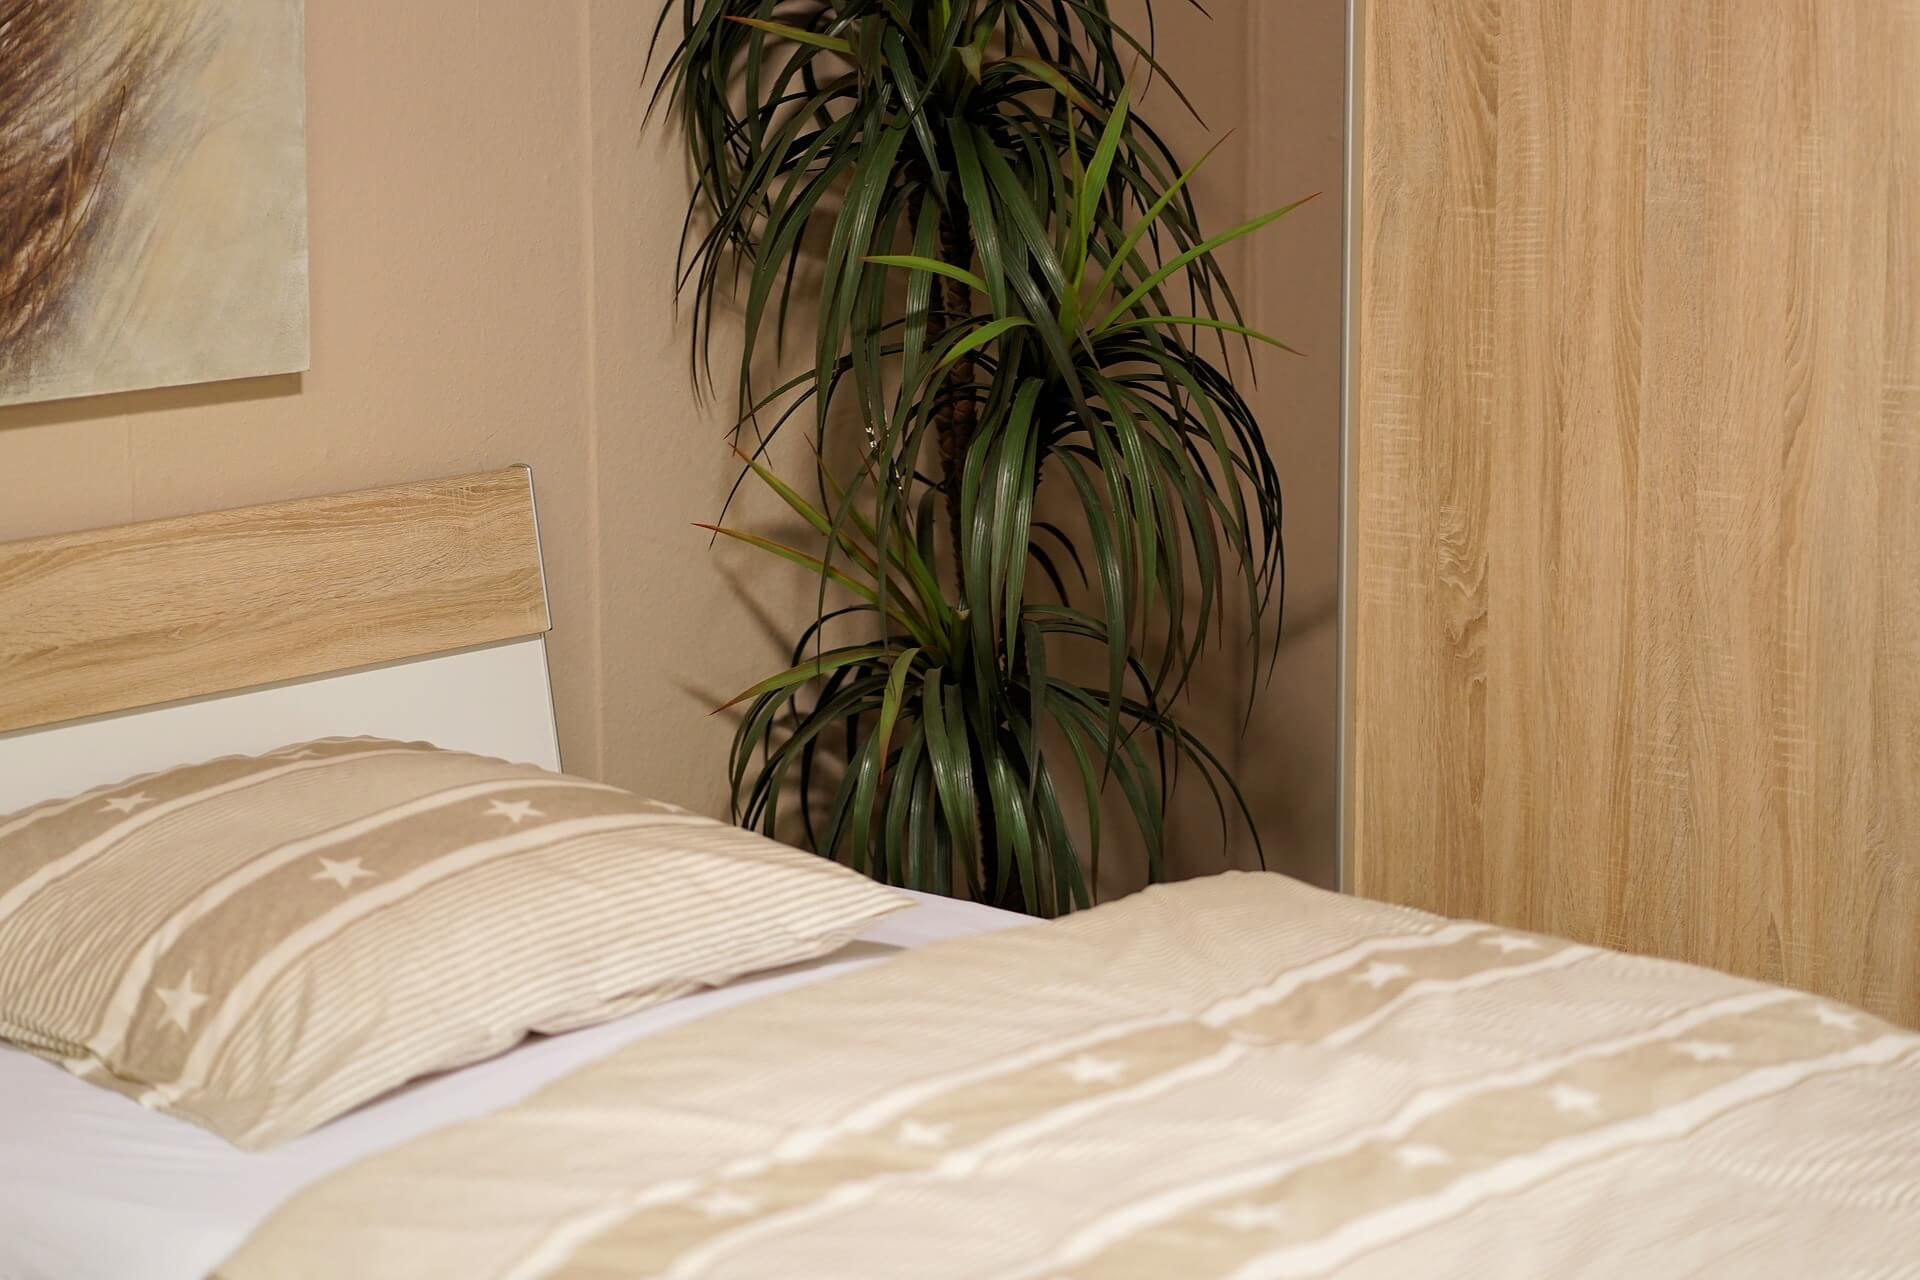 Pflanzen im Schlafzimmer - besserer Schlafkomfort? | Das Schlaf-Magazin